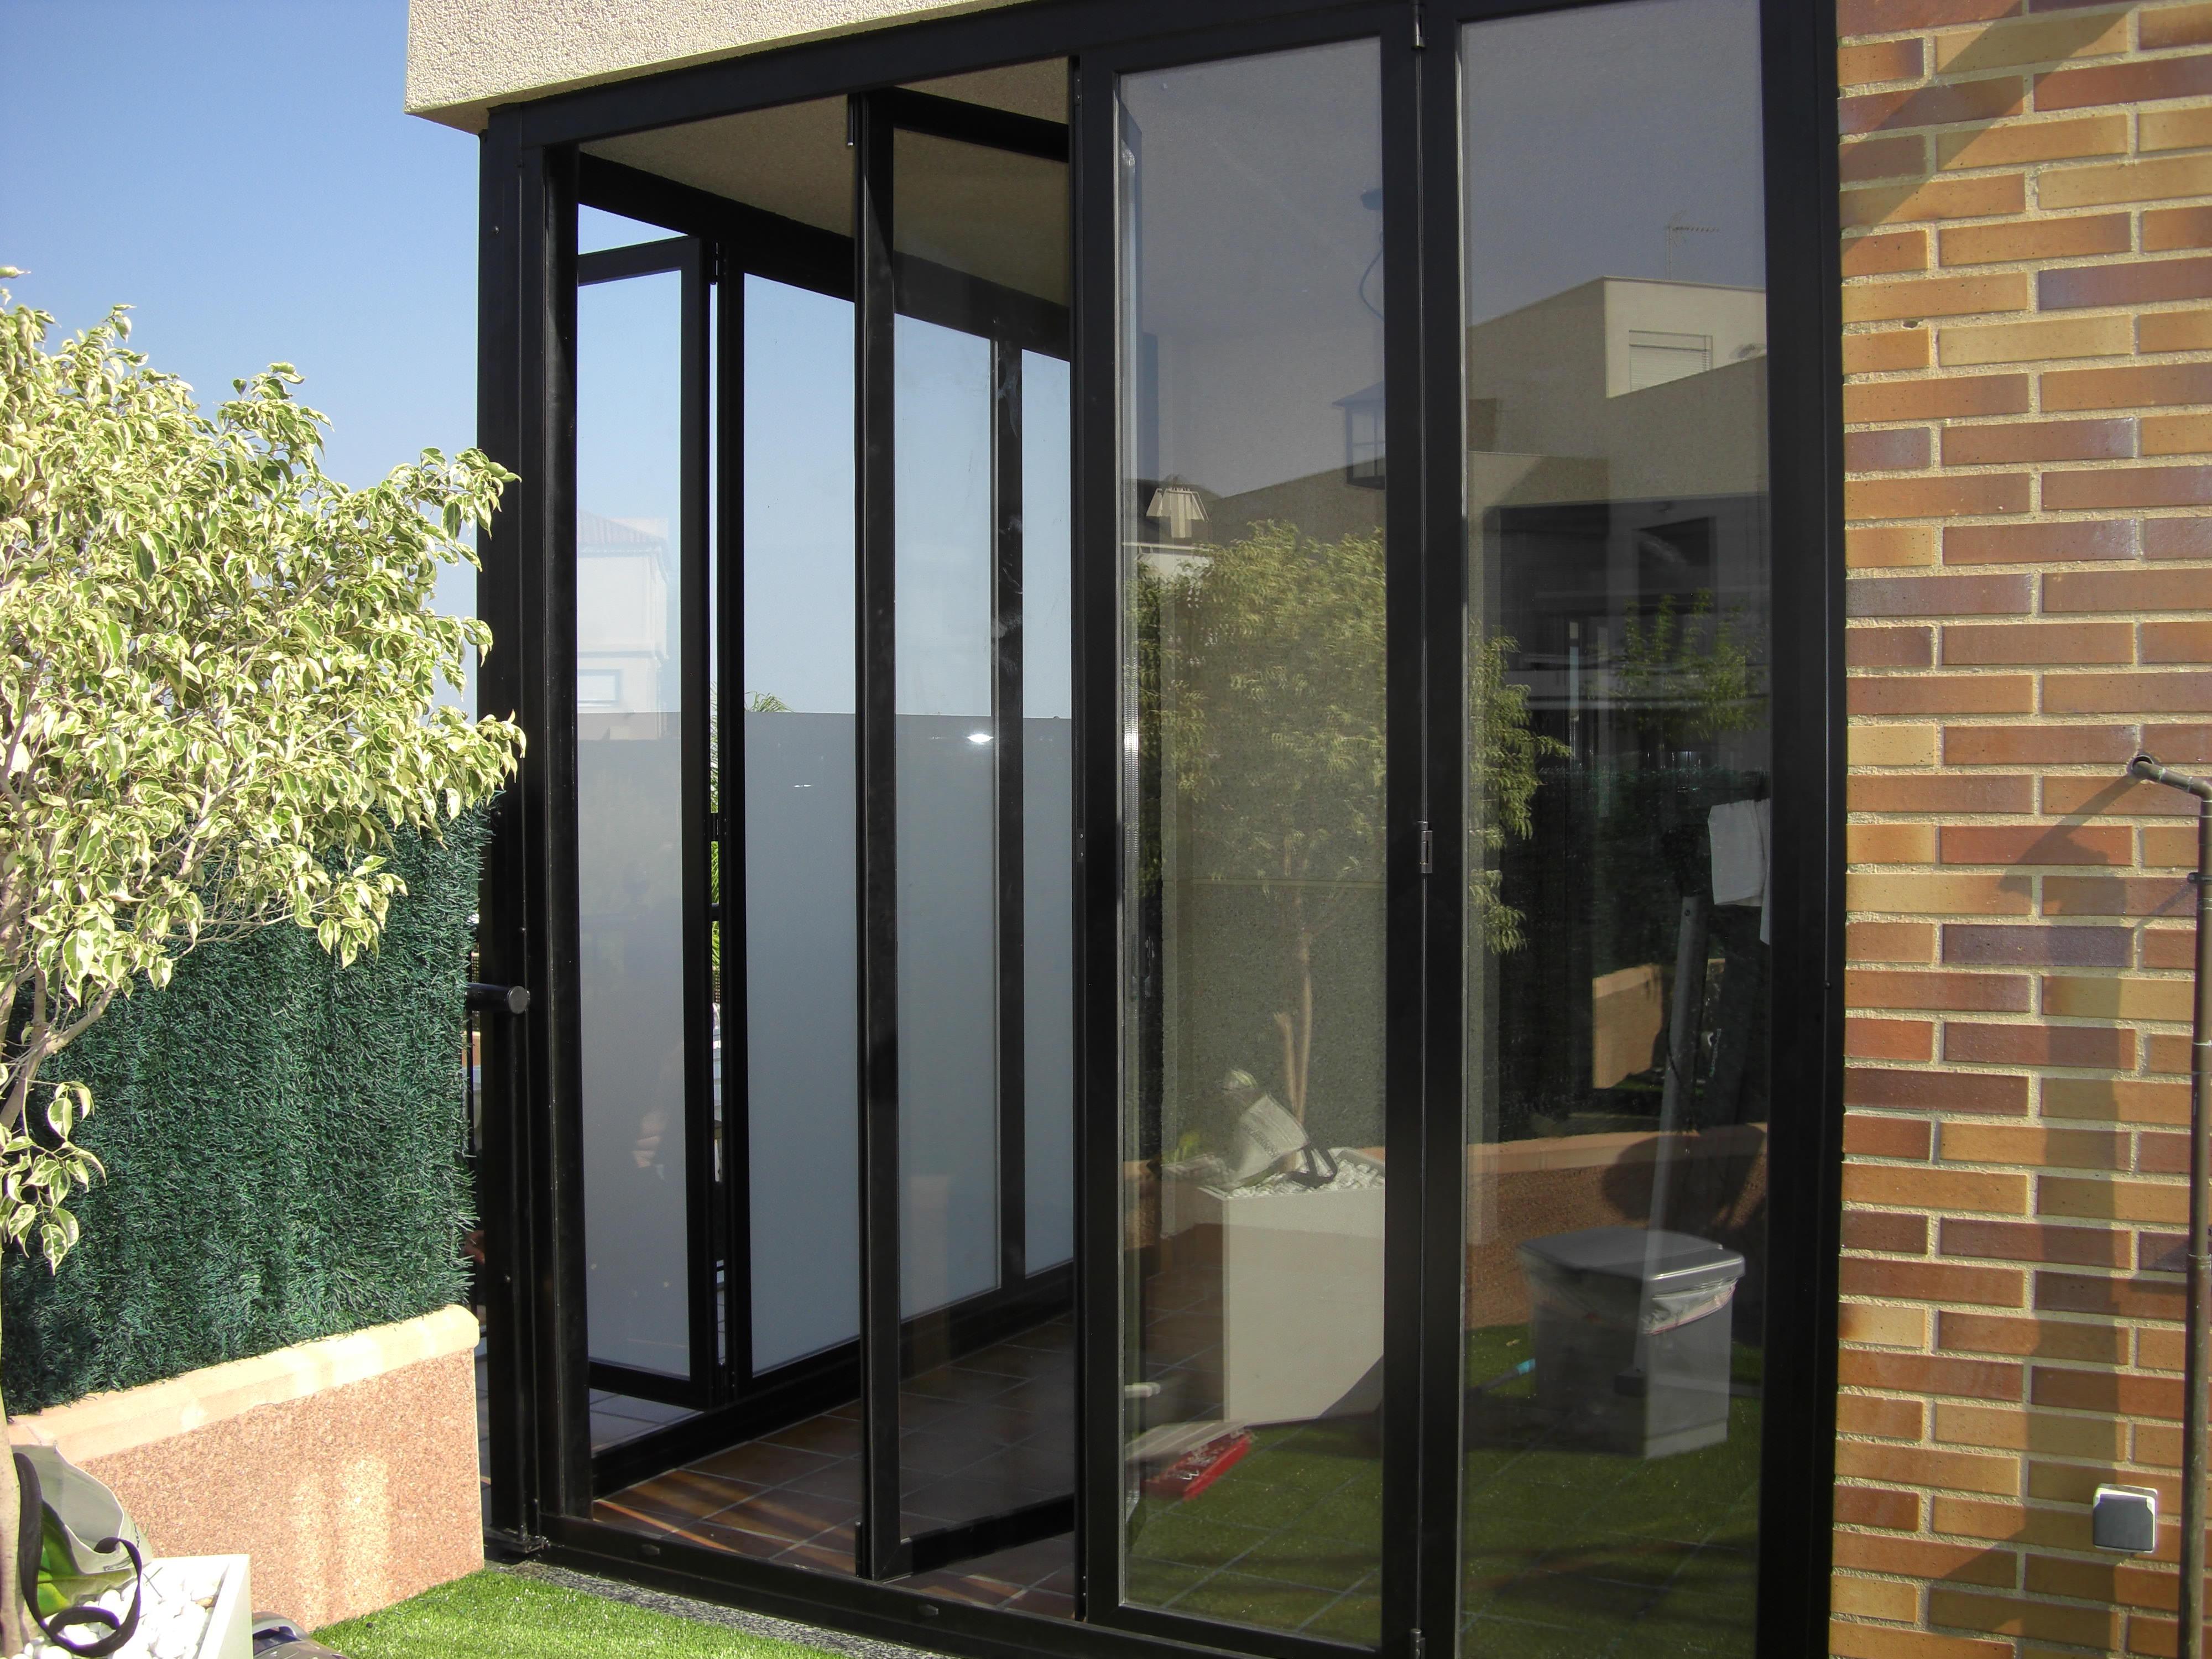 Ancesa cerramiento de aluminio for Colores ventanas aluminio lacado